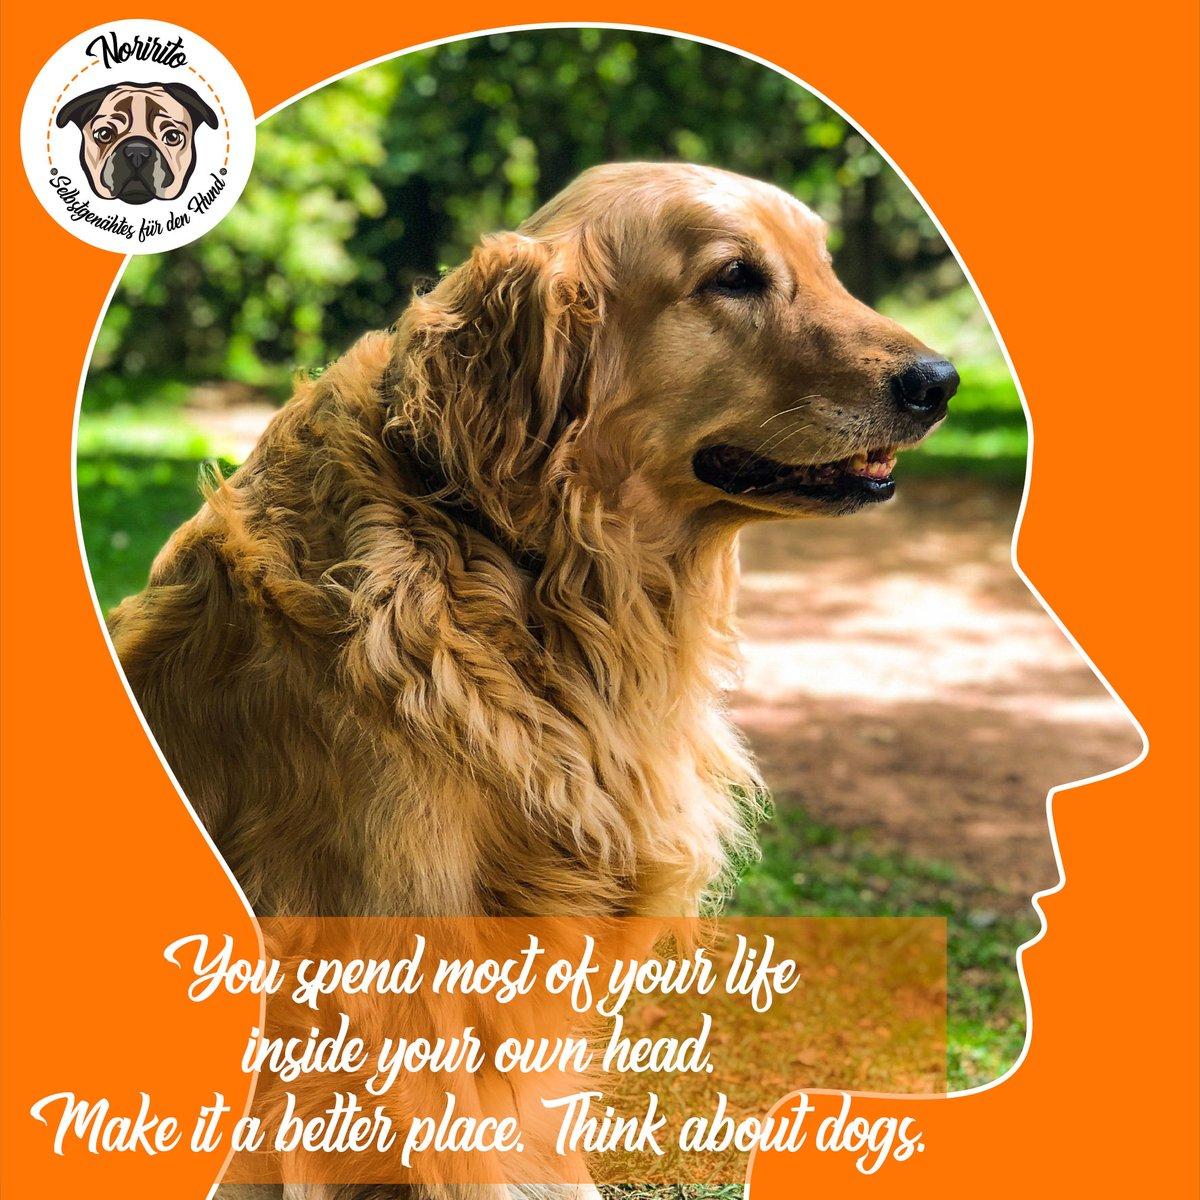 Die Welt wäre ein so viel besserer Ort   Schickes Wochenende!  #thinkaboutdogs #ilovedogs #hundeliebe #doglove #souldog #seelenhund #friyay #friday #freitag #happyfriday #wochenende #happyweekend #retriever #goldenerretrieverpic.twitter.com/f8ThhWp42n